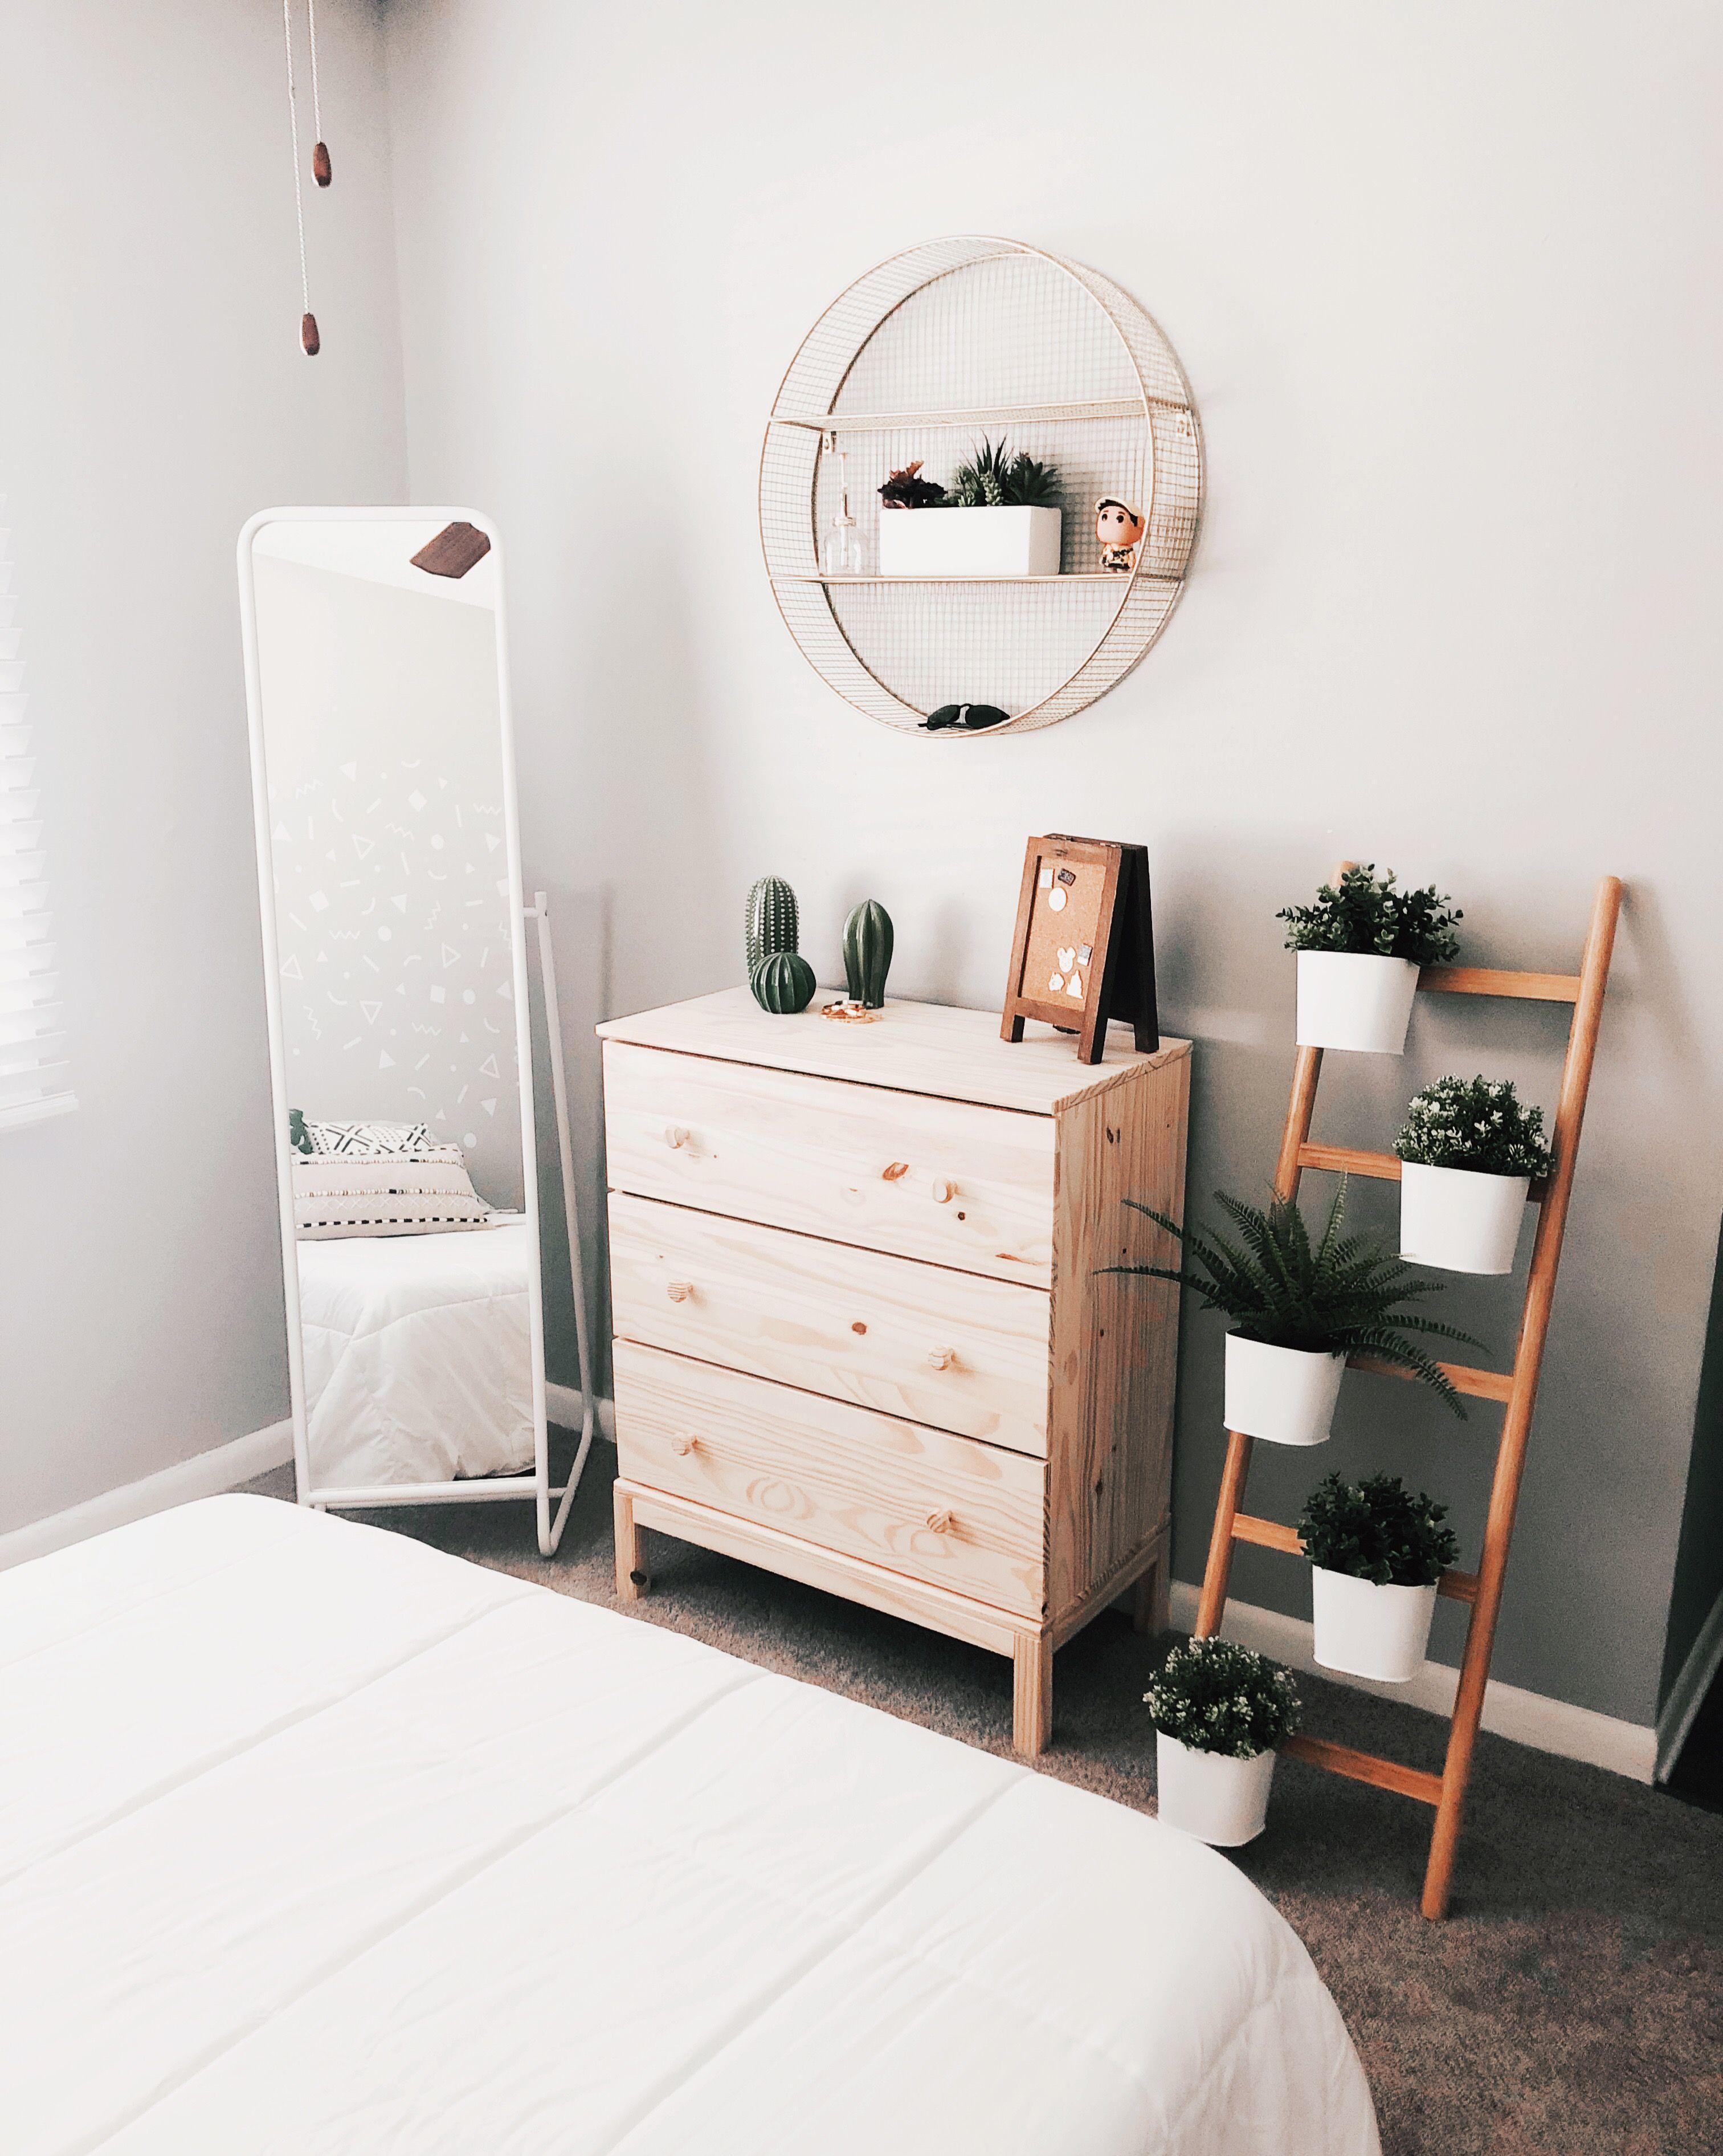 Pin by jambojoe on aesthetic pinterest schlafzimmer for Minimalistische wohnungseinrichtung